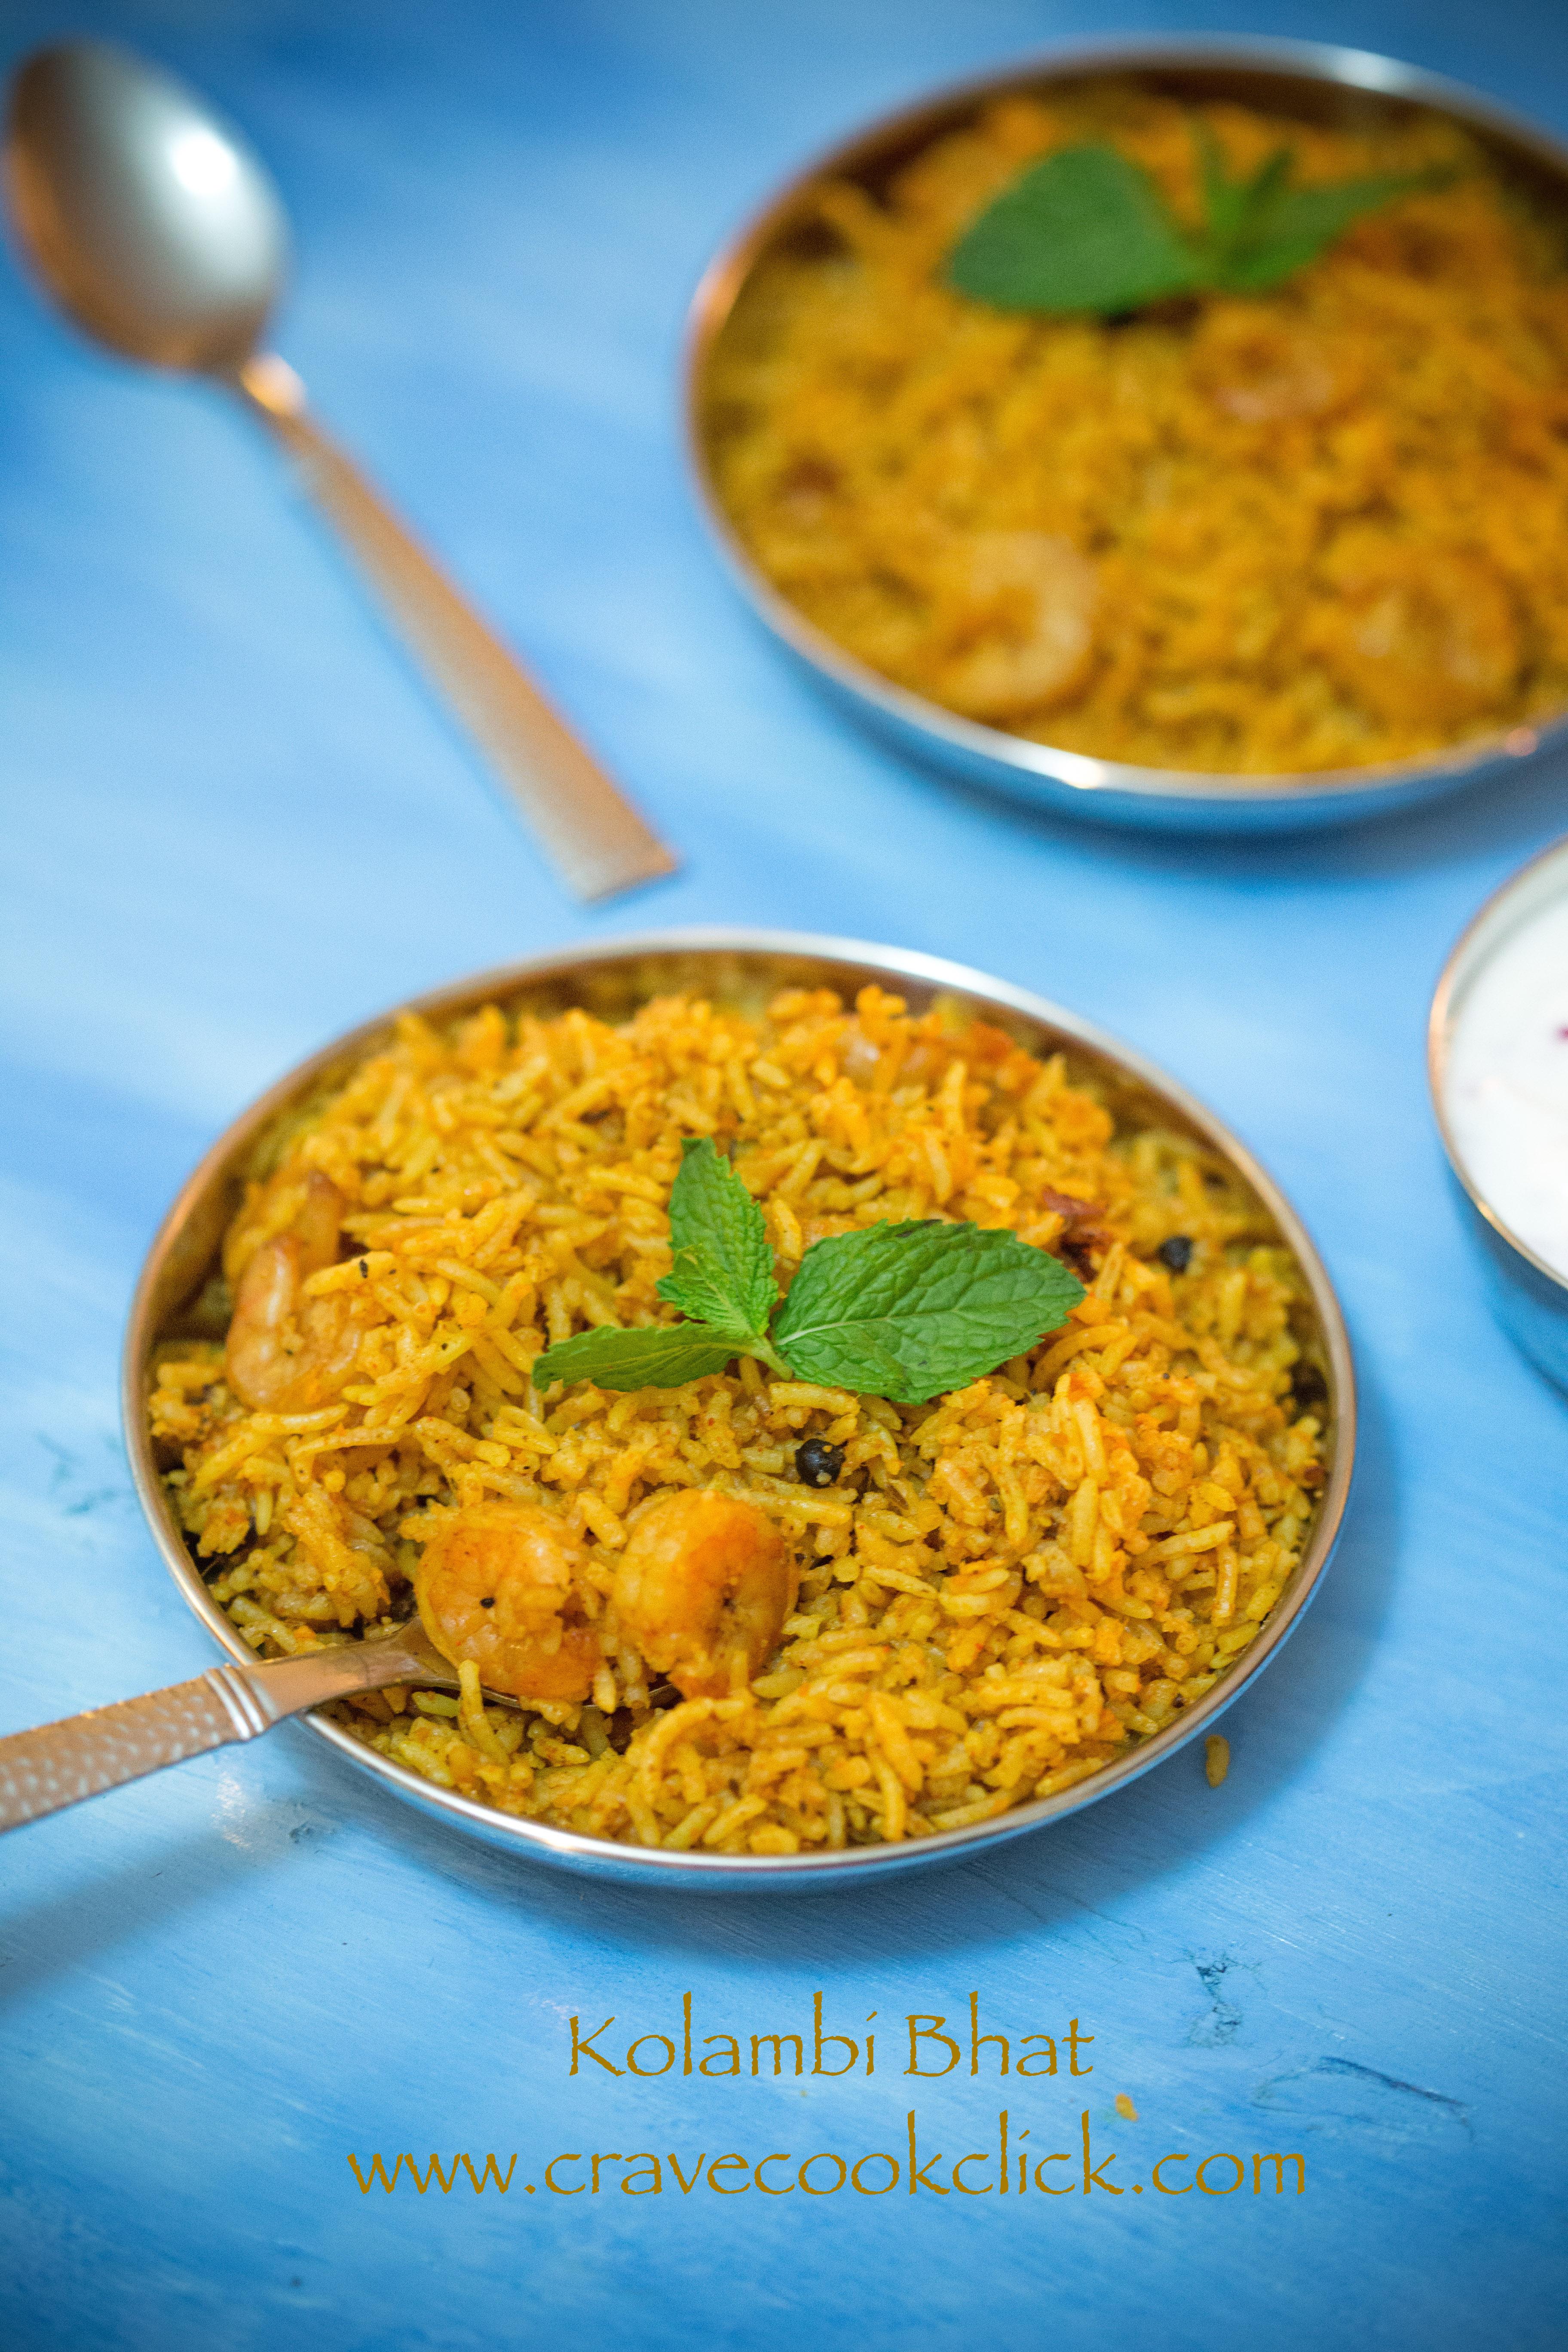 Kolambi Bhaat/Prawns Rice Recipe/How to make kolambi bhat or prawns biryani